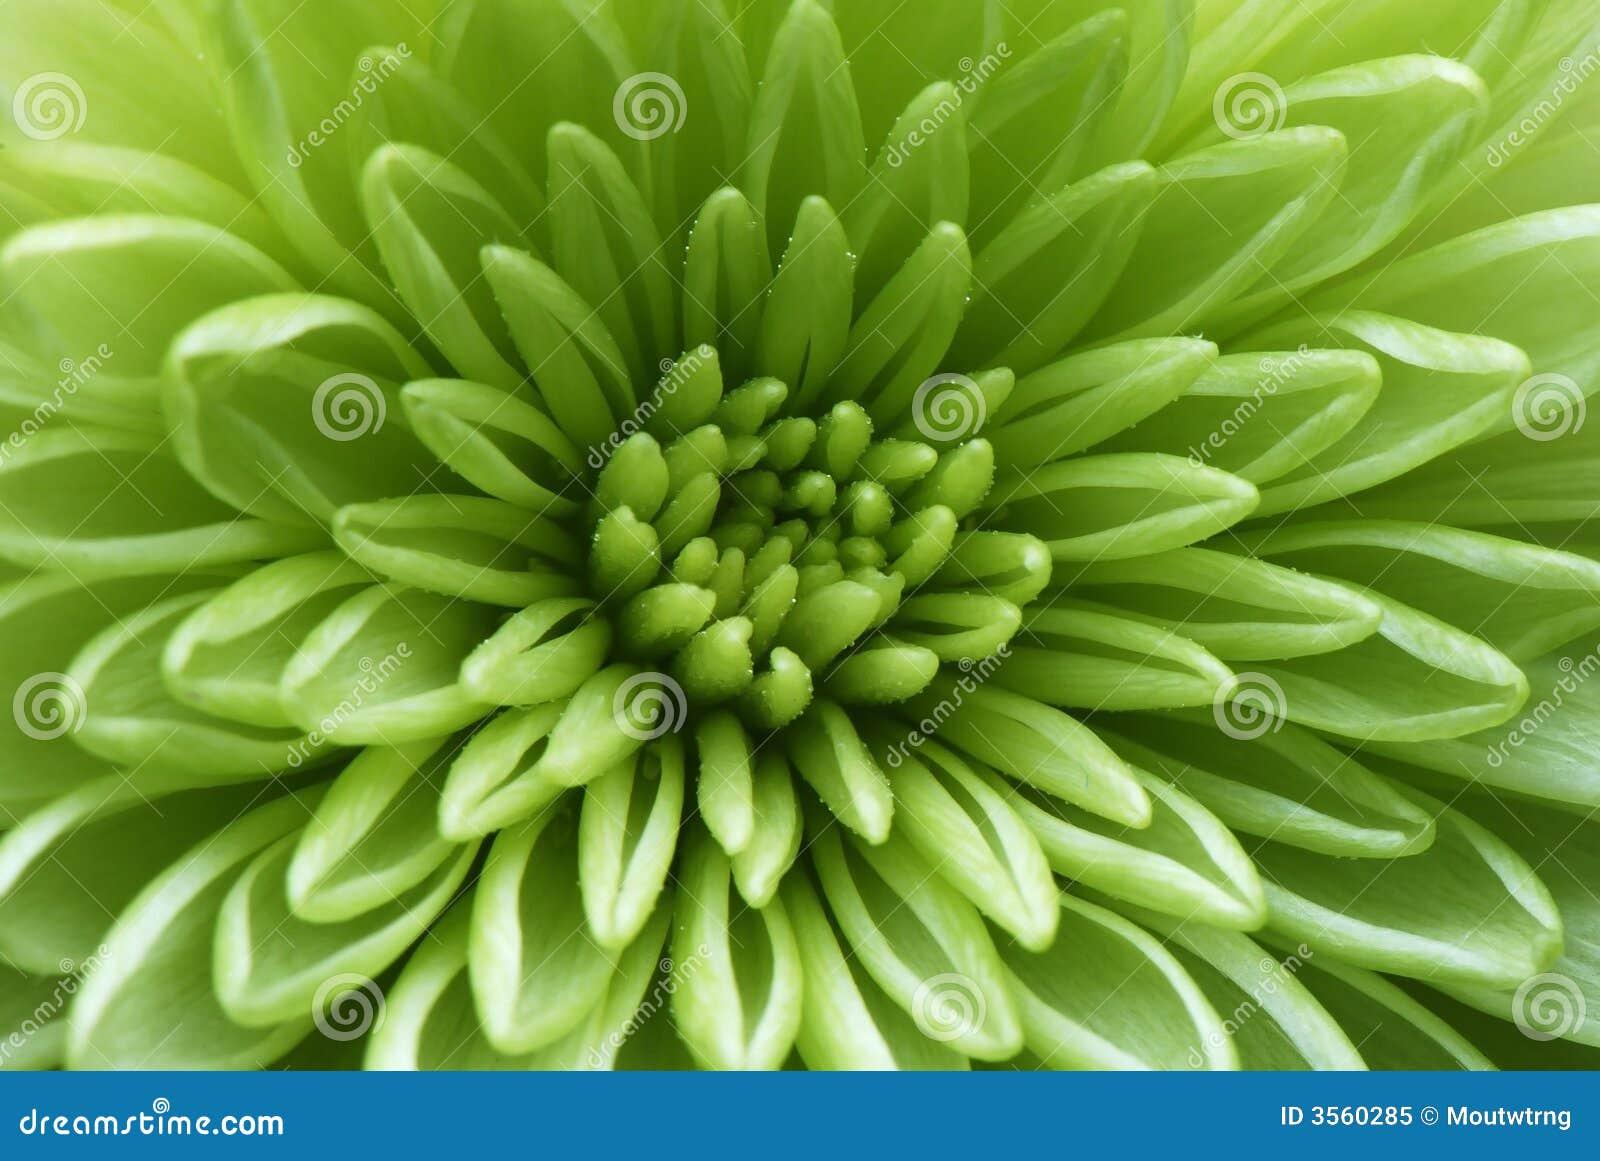 Macro shot of a green flower